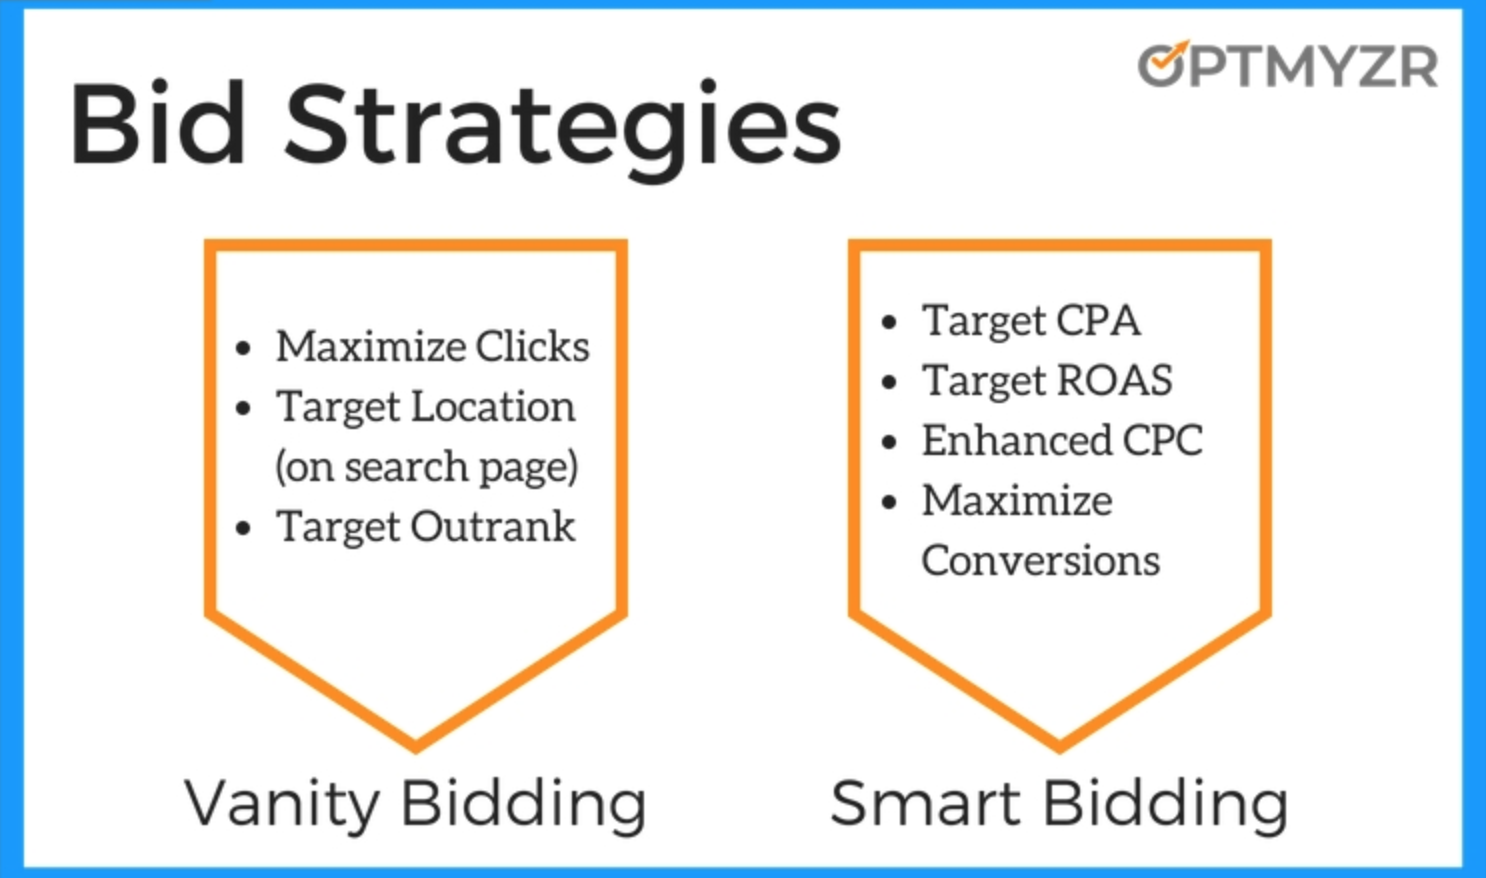 Giới thiệu về tính năng đặt giá thầu thông minh trong Google Ads - Smart Bidding